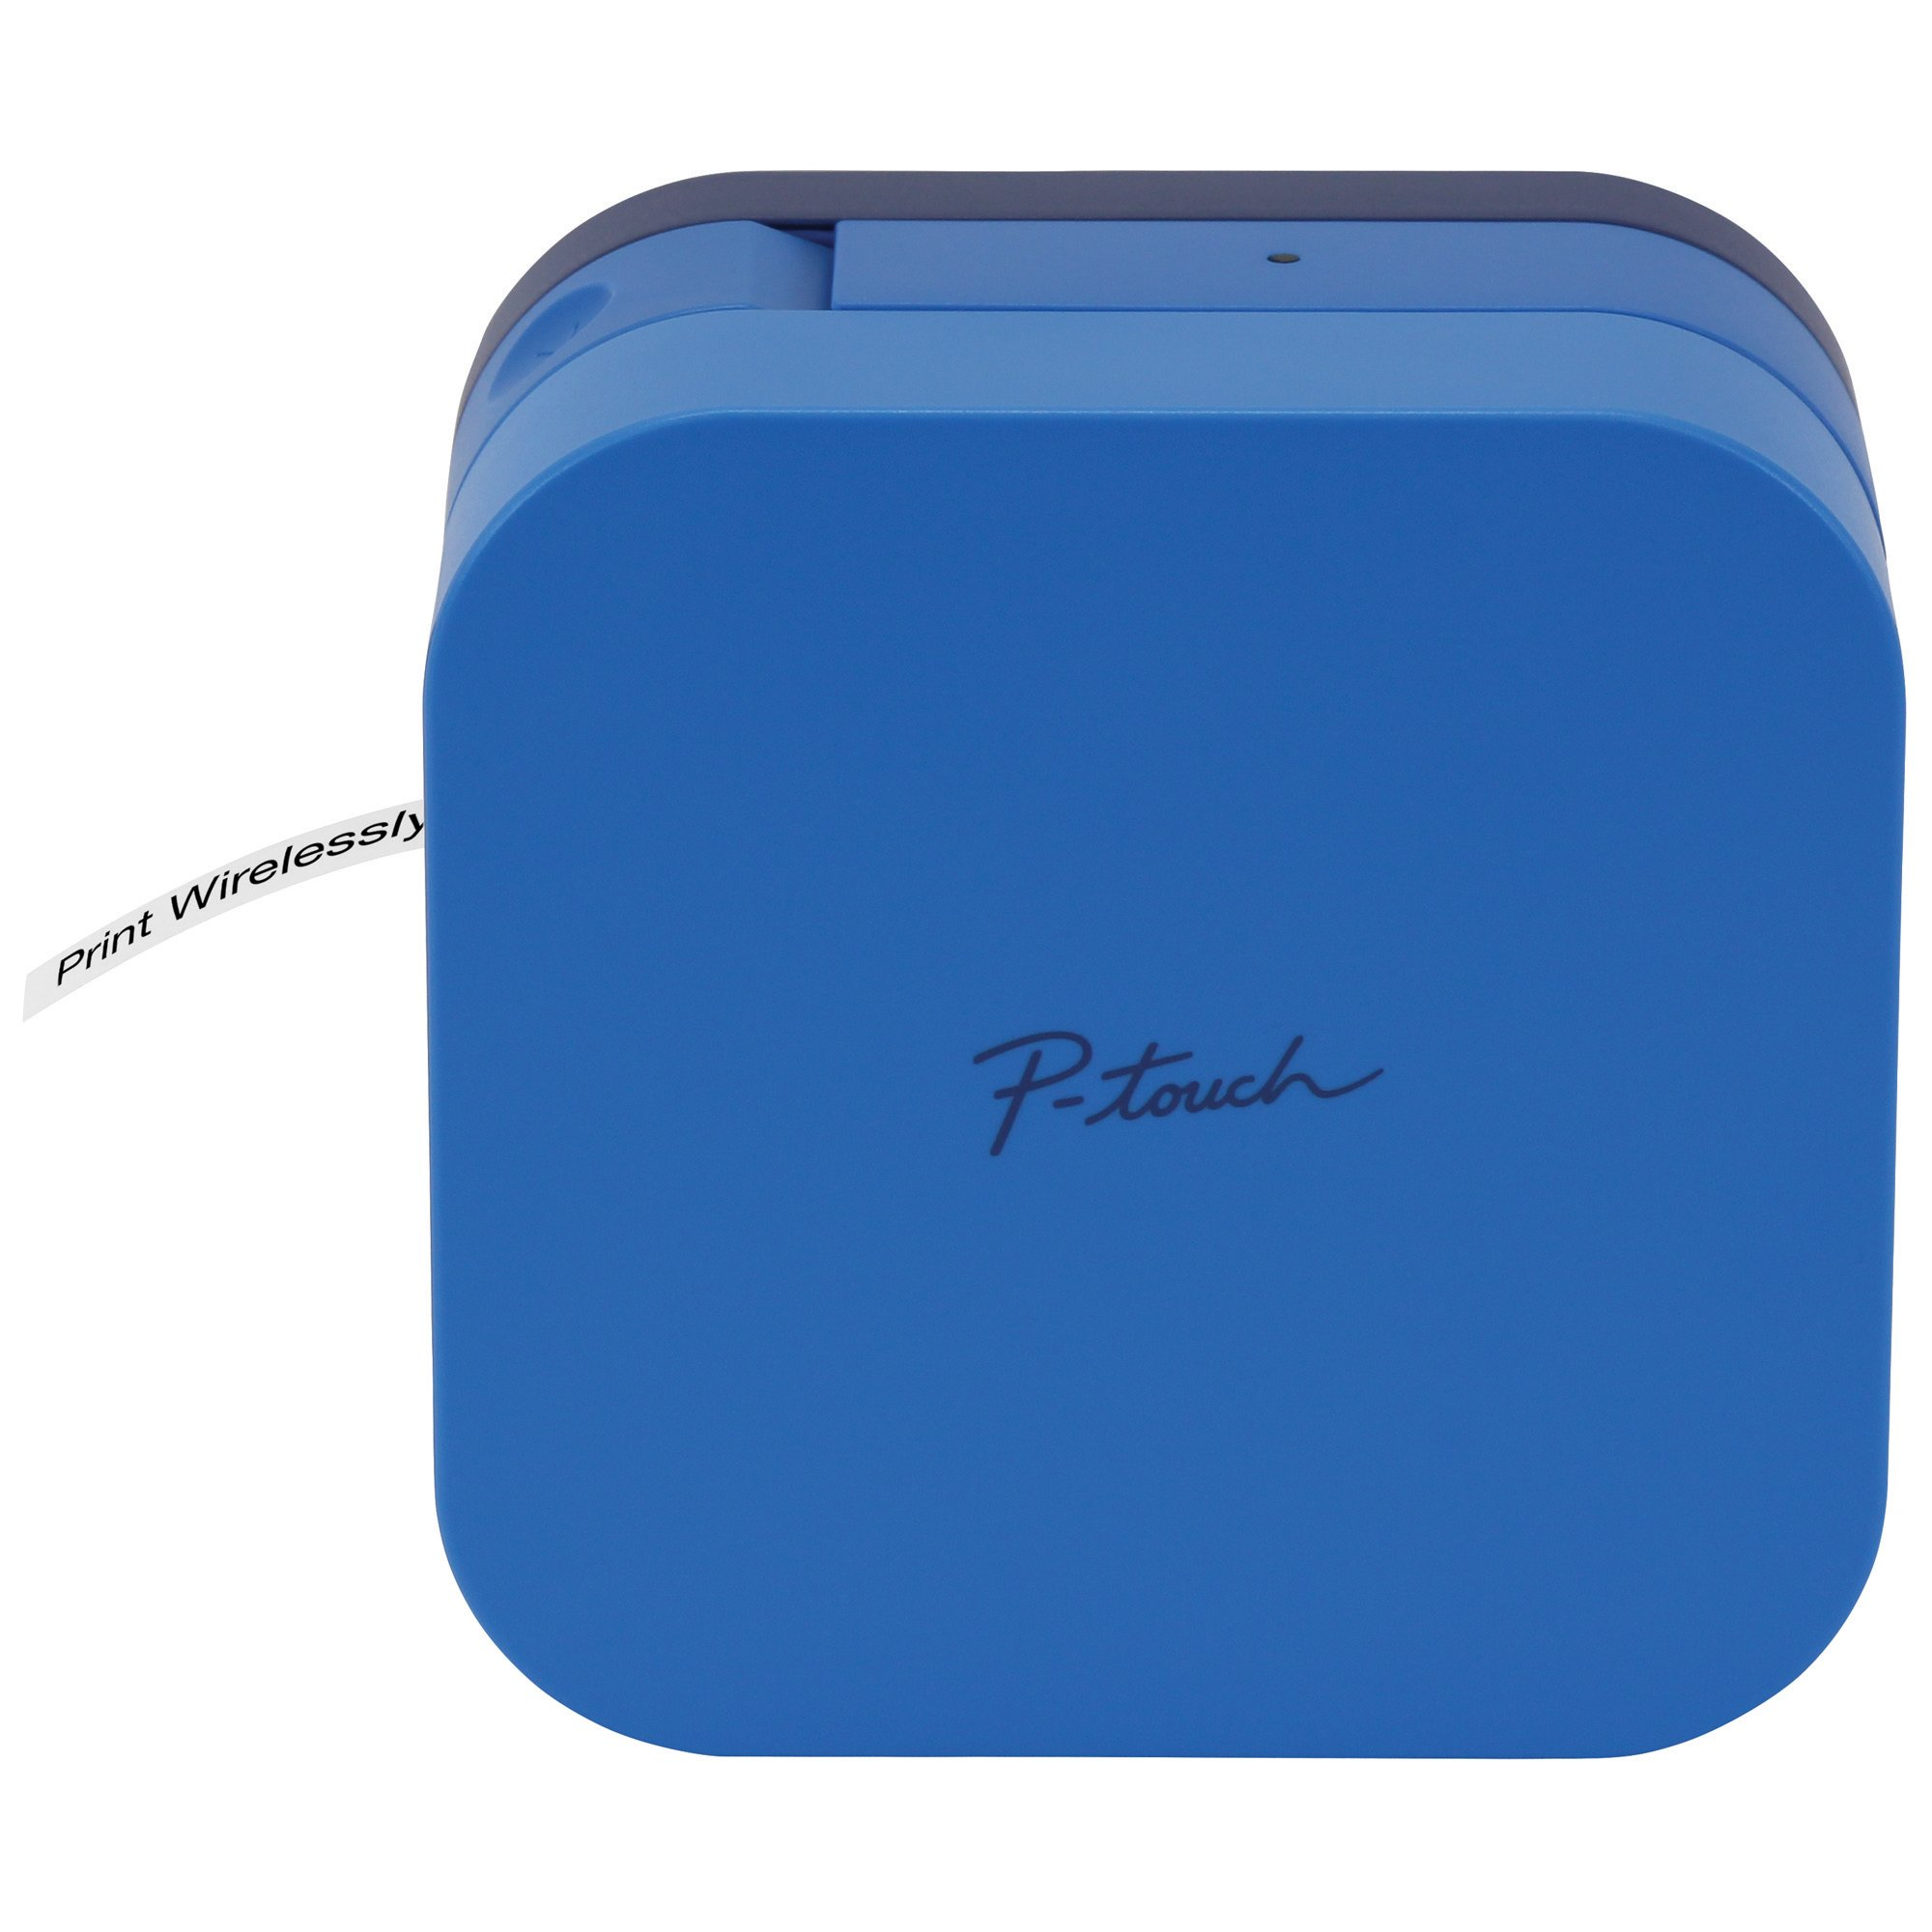 兄弟の弟P-touchのキューブスマートフォンラベルメーカー、ブルートゥースワイヤレス技術は、AppleとAndroidに対応して使用可能なテンプレートの様々な、 - ブルー